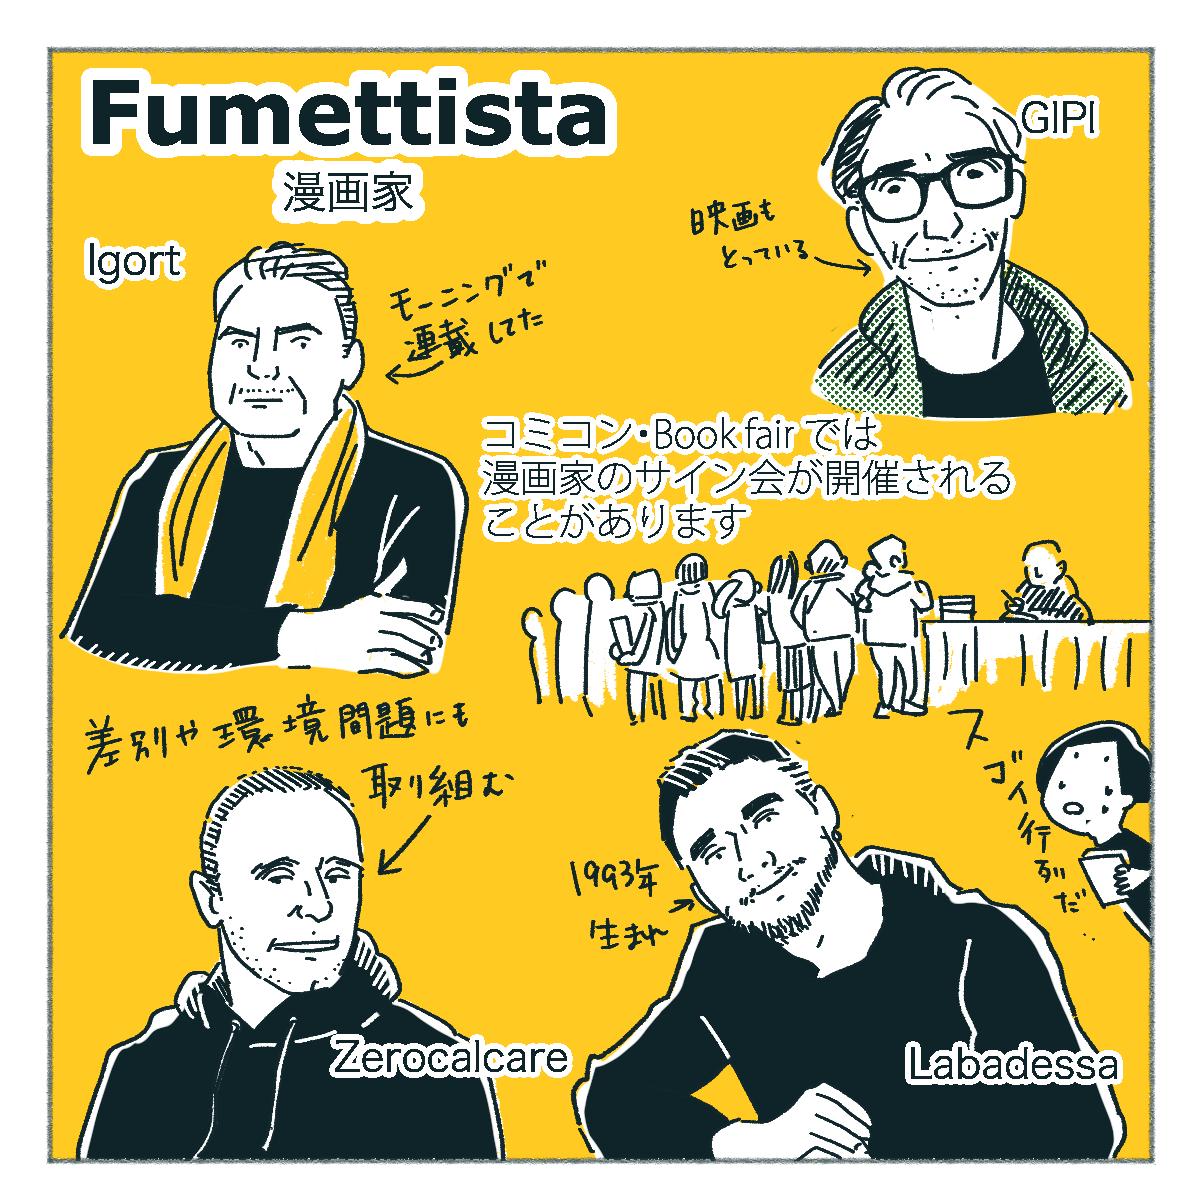 イタリアの漫画家について説明したイラスト